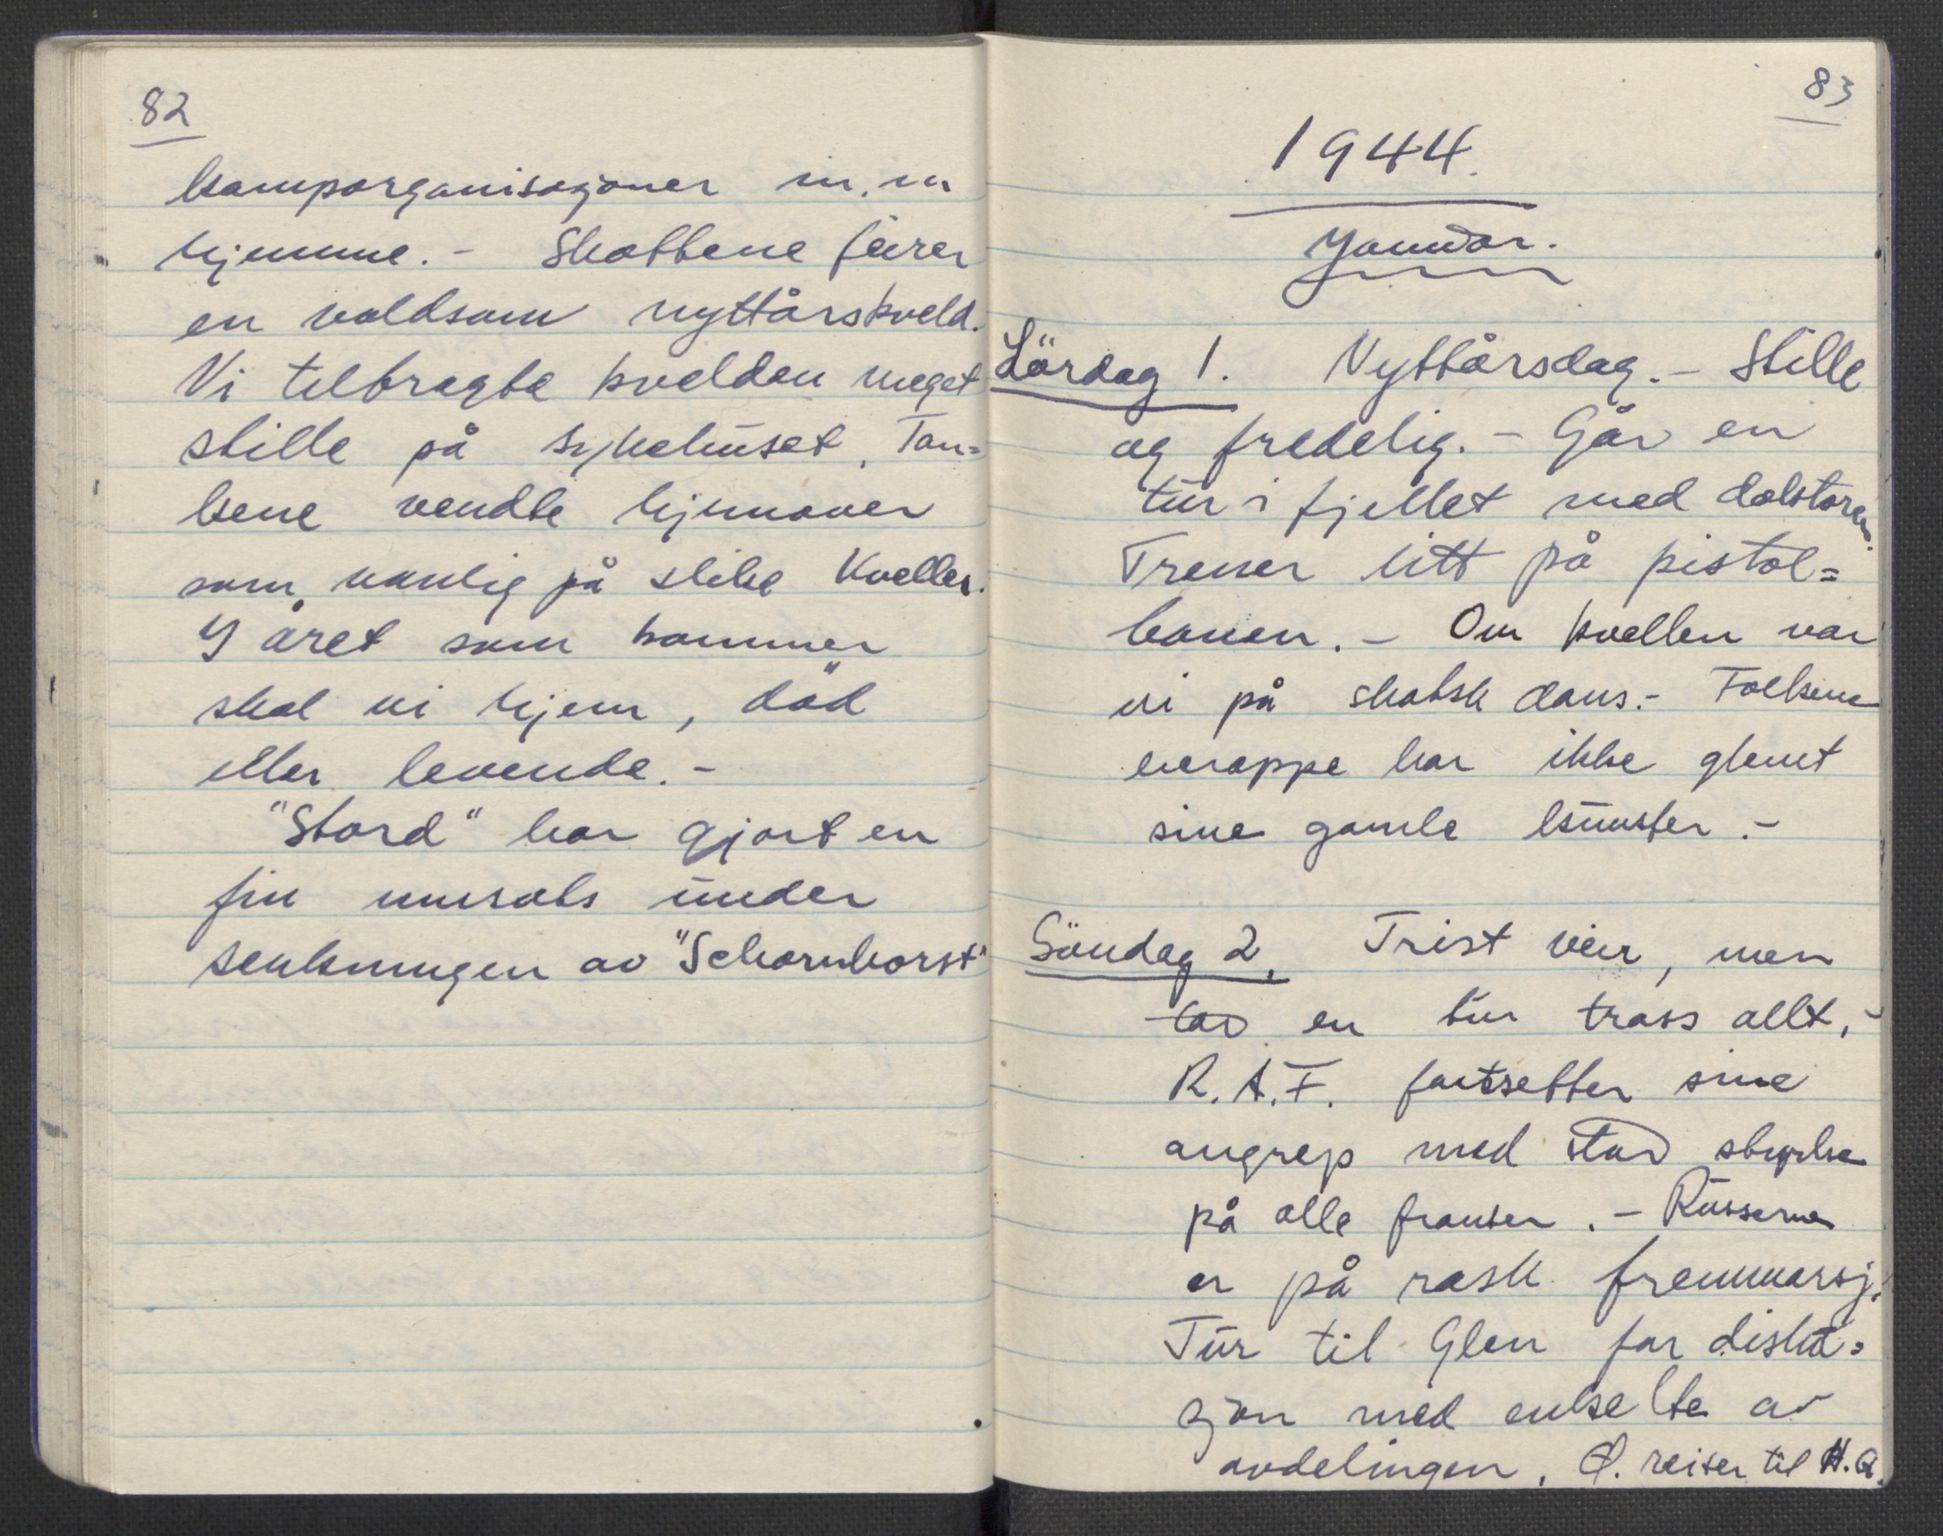 RA, Tronstad, Leif, F/L0001: Dagbøker, 1941-1945, s. 601